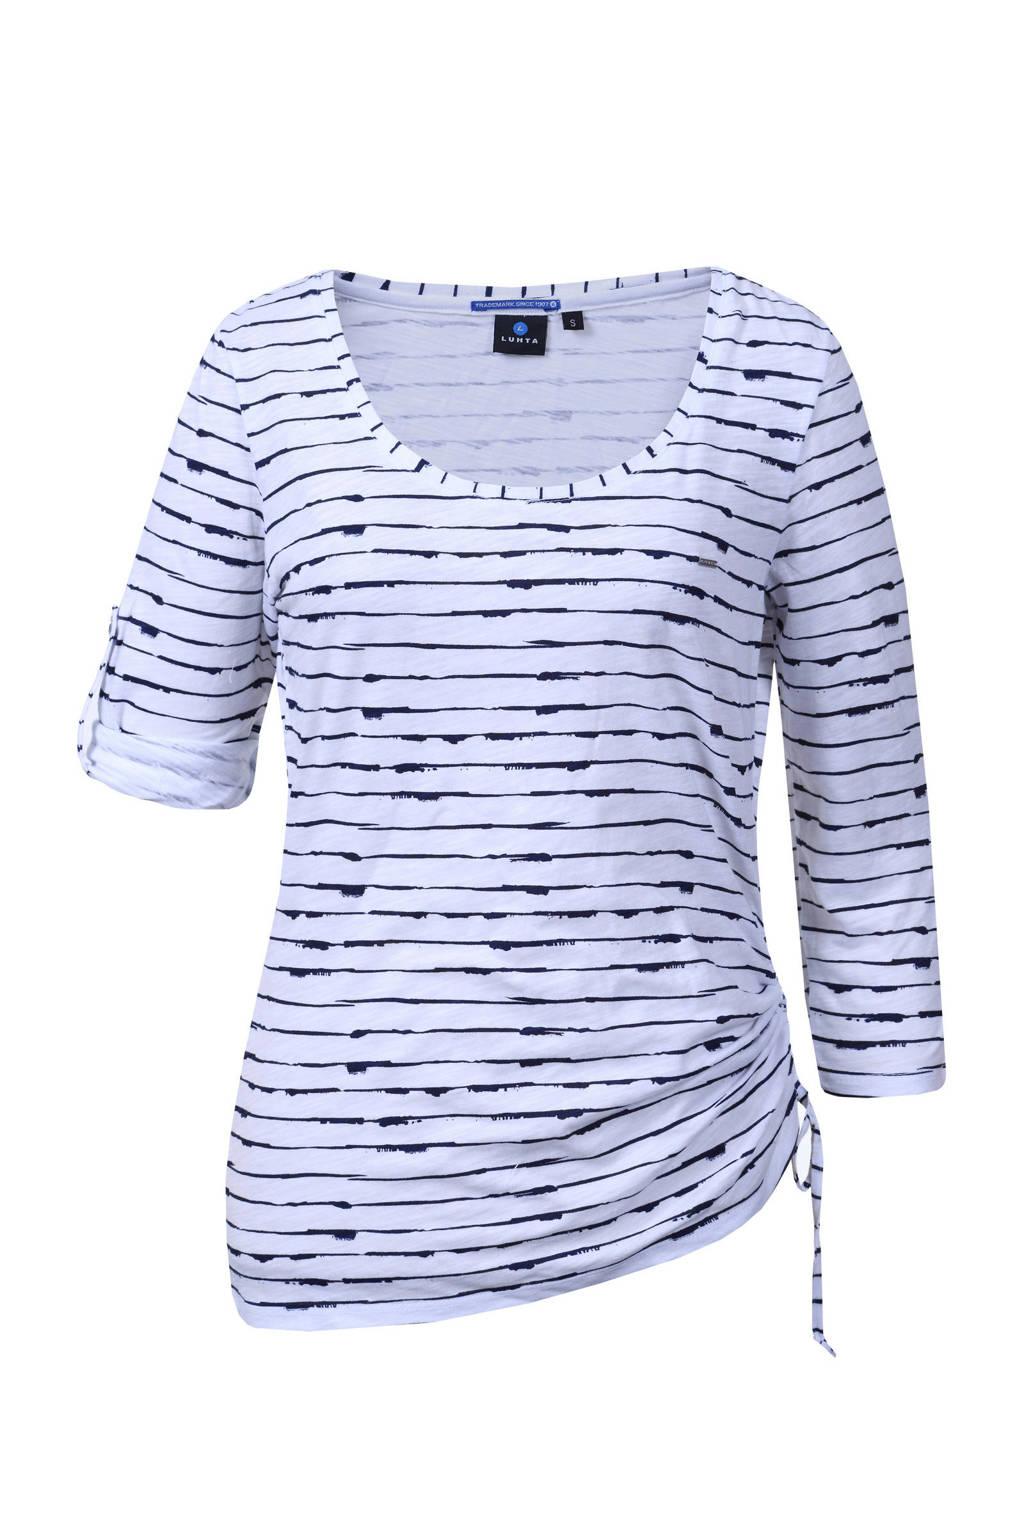 Luhta T-shirt Anniina wit/blauw, Optic White